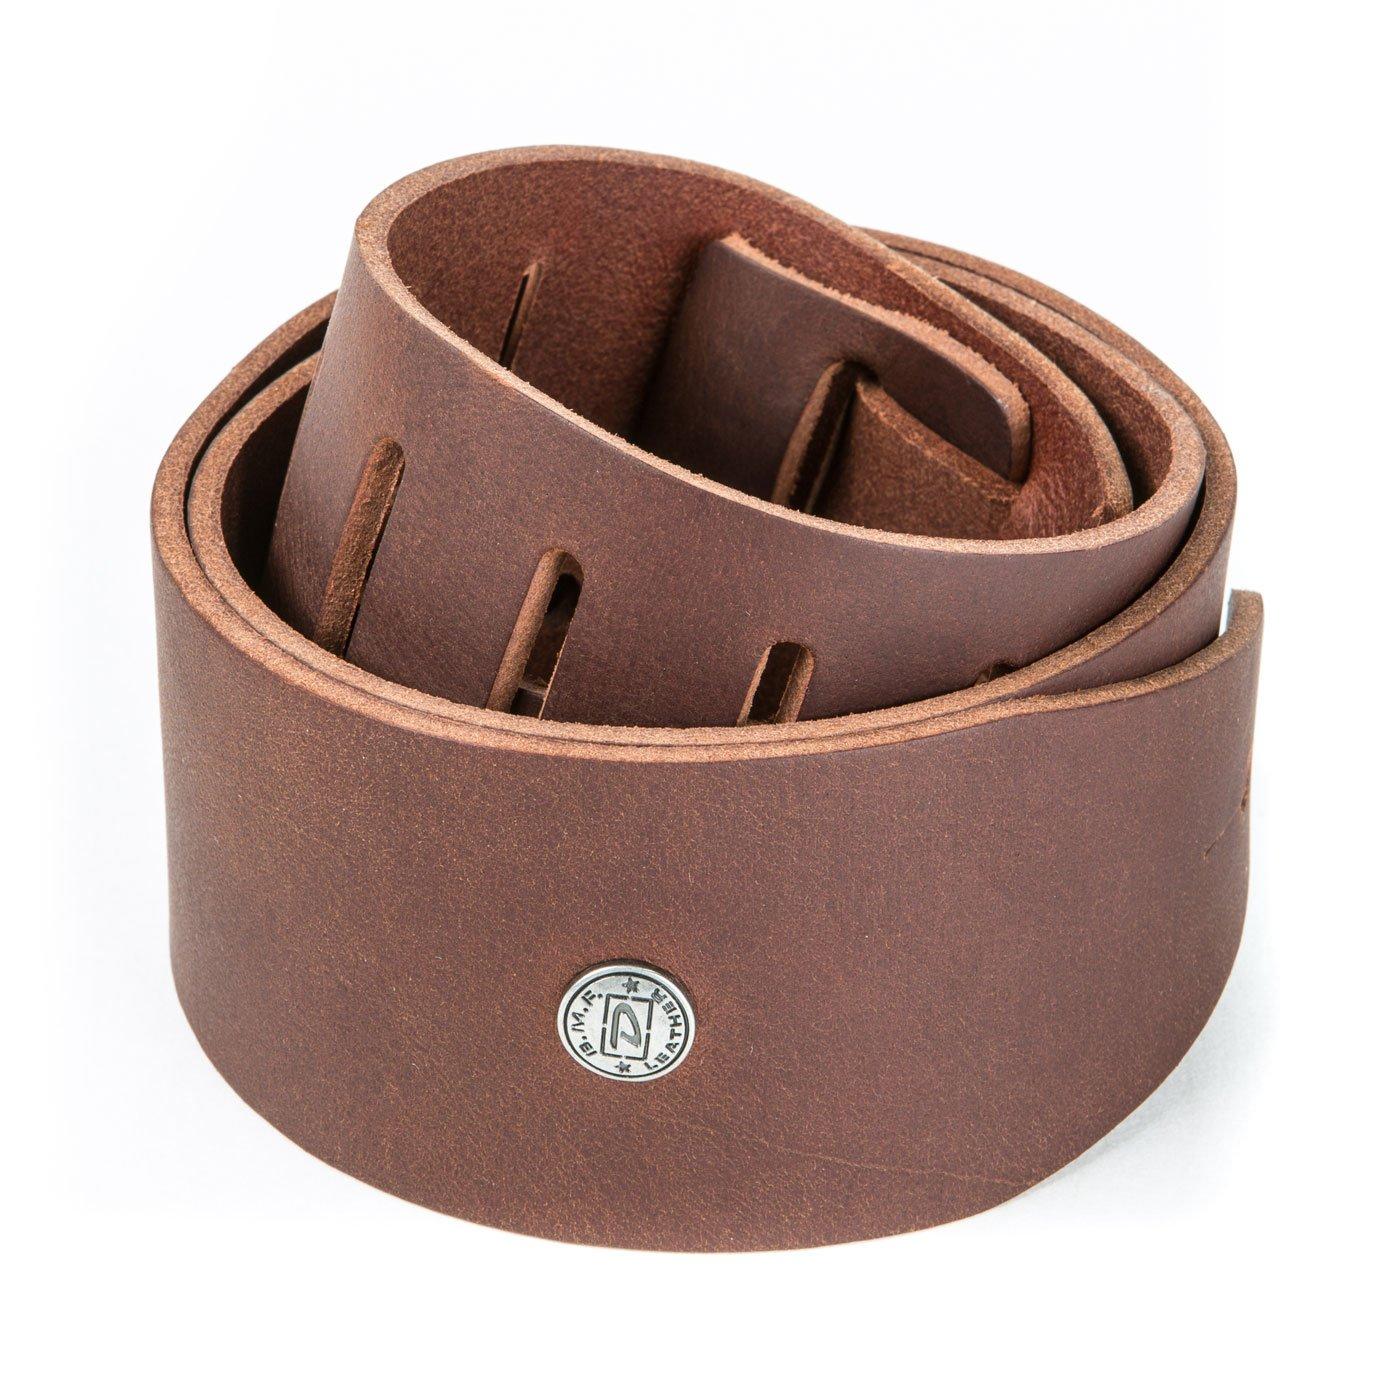 Dunlop BMF13BR Belt Leather Strap - Belt Brown